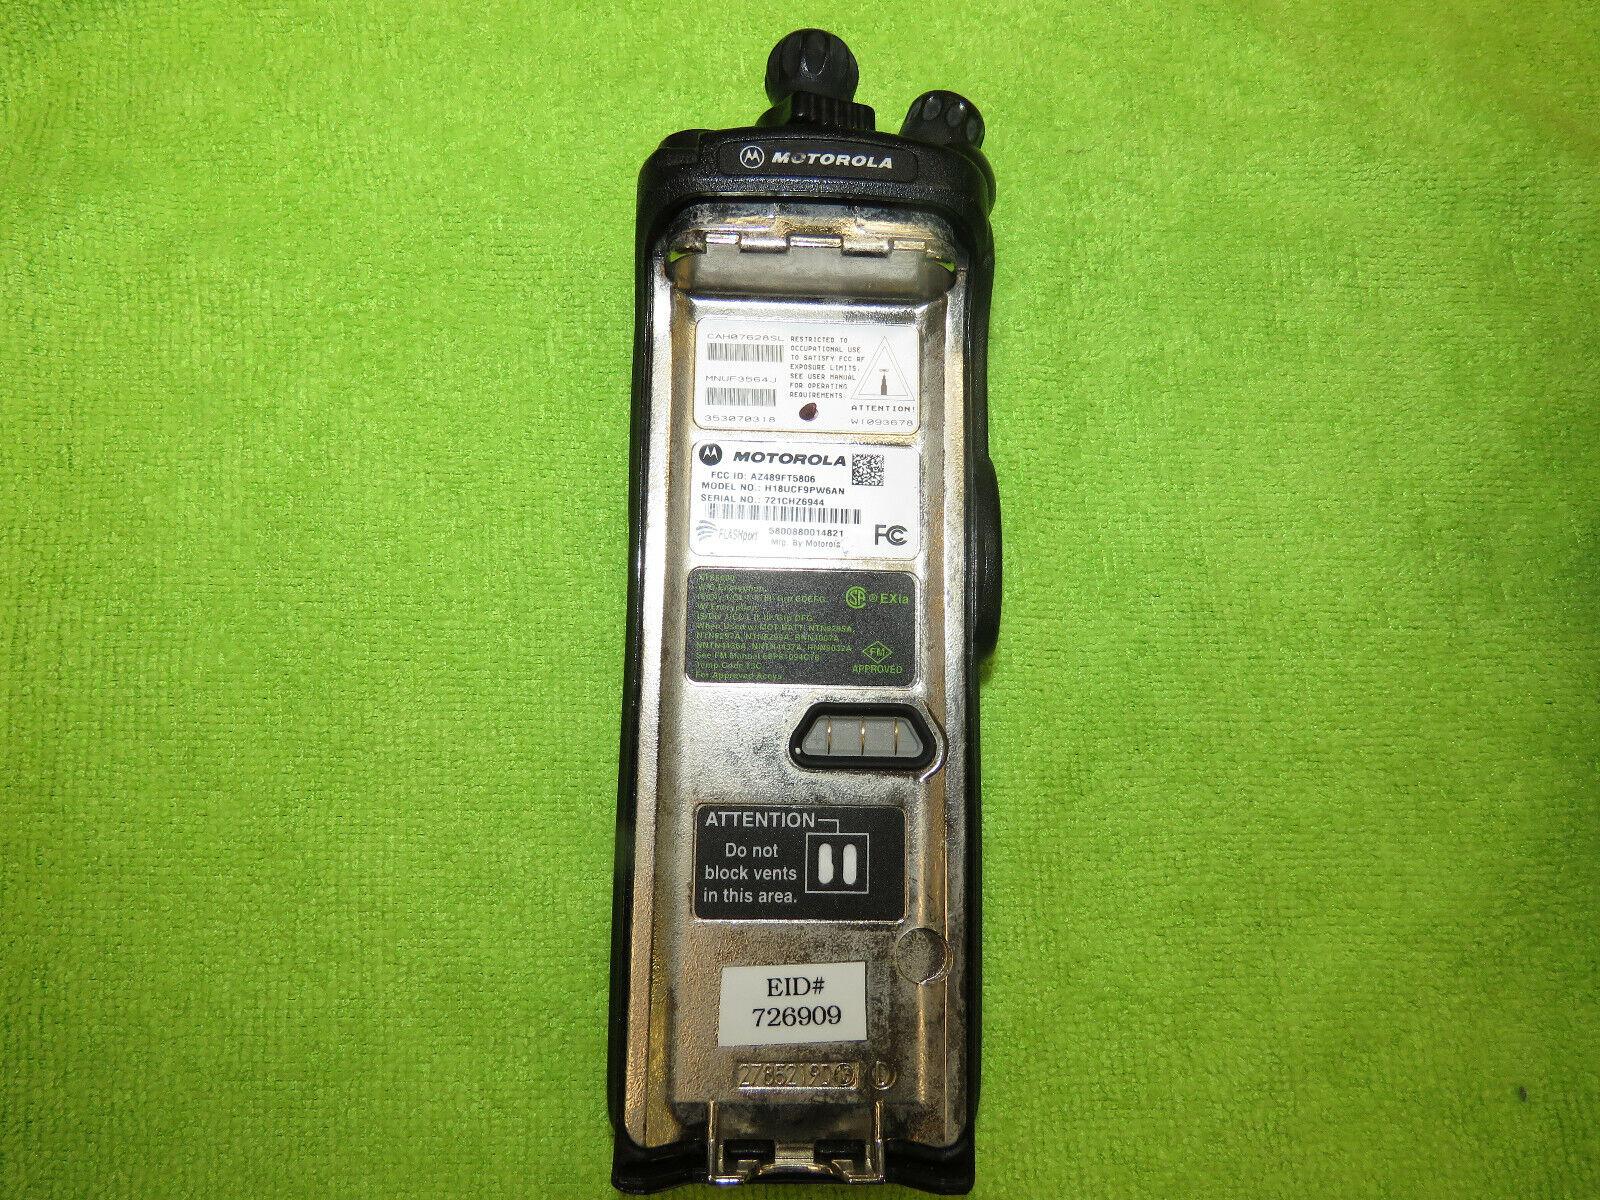 Motorola H18UCF9PW6AN 800MHz Two Way Radio